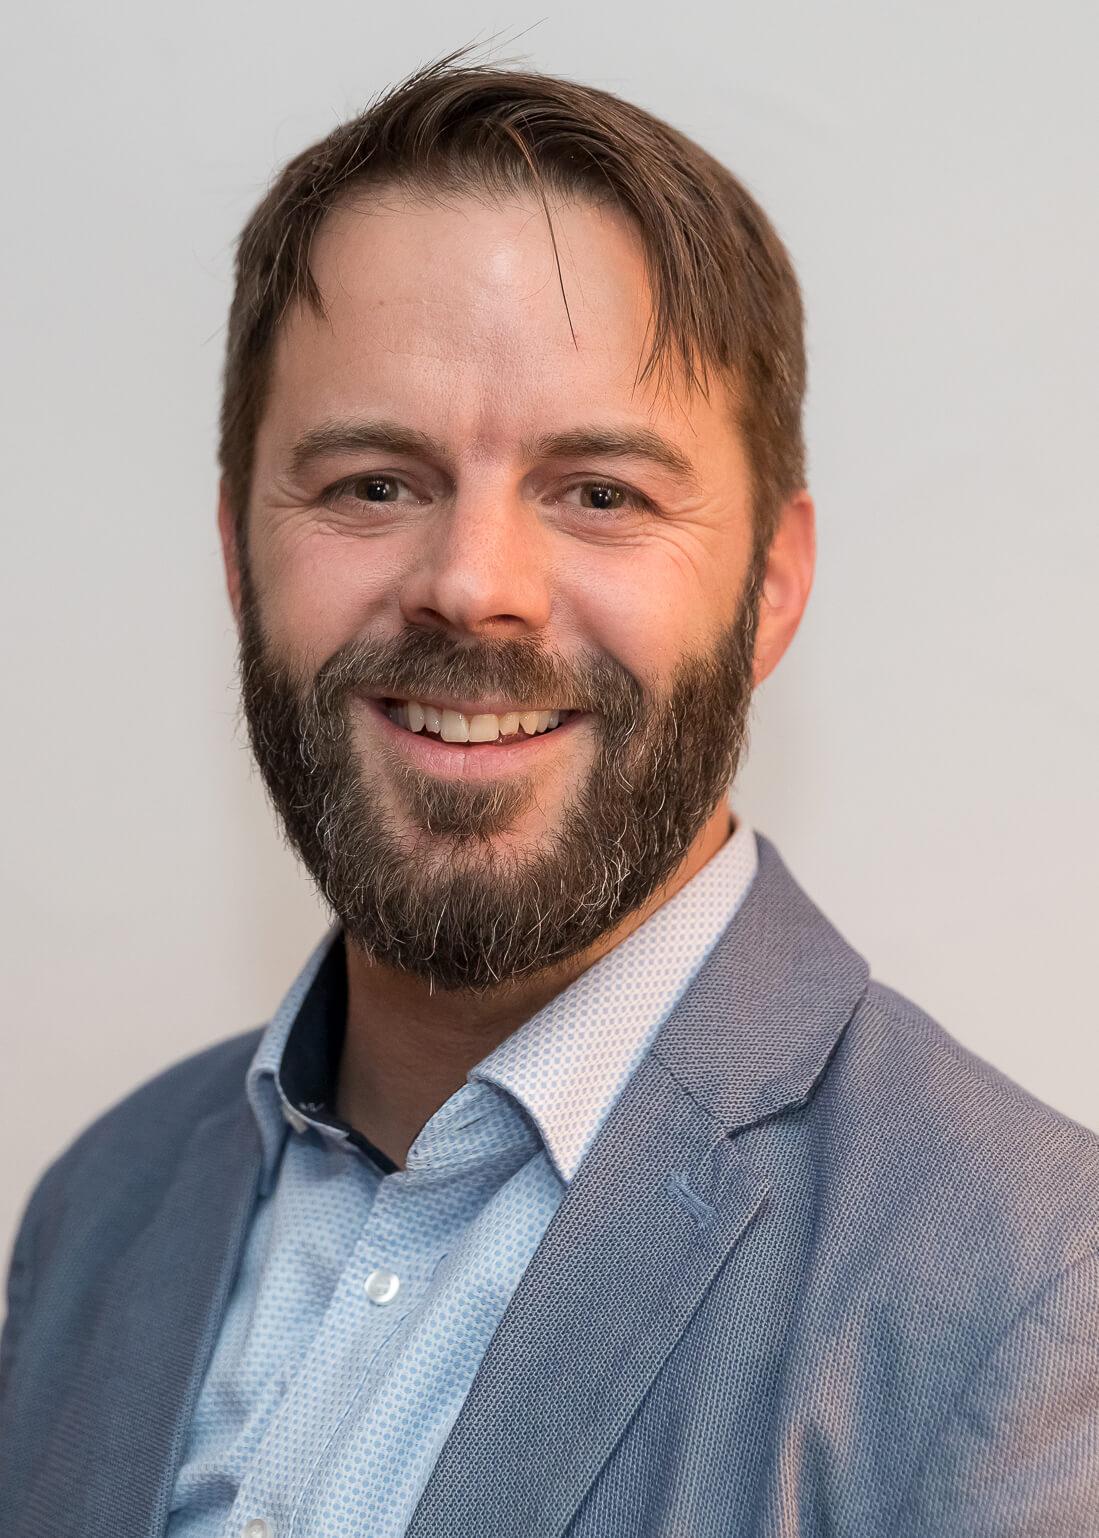 Thomas Ledermann